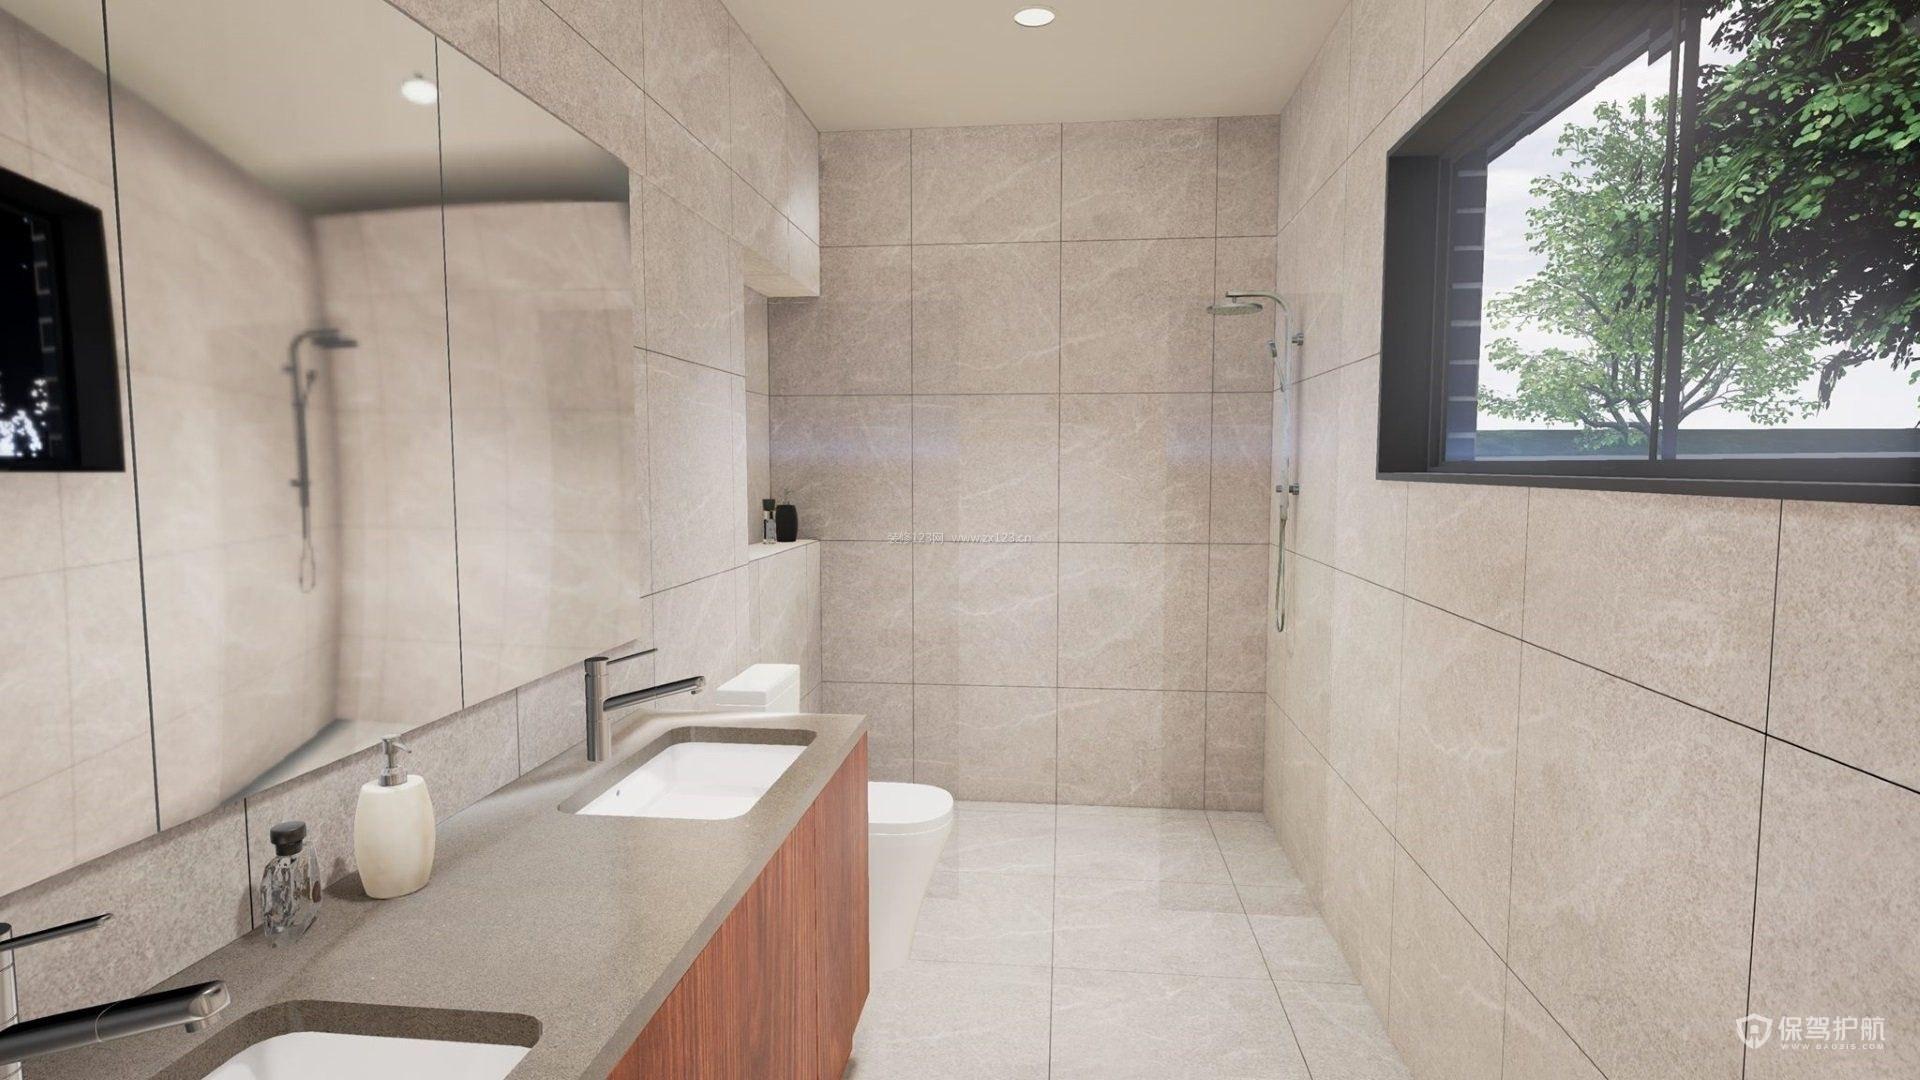 衛生間瓷磚怎么選?衛生間瓷磚選購6技巧!